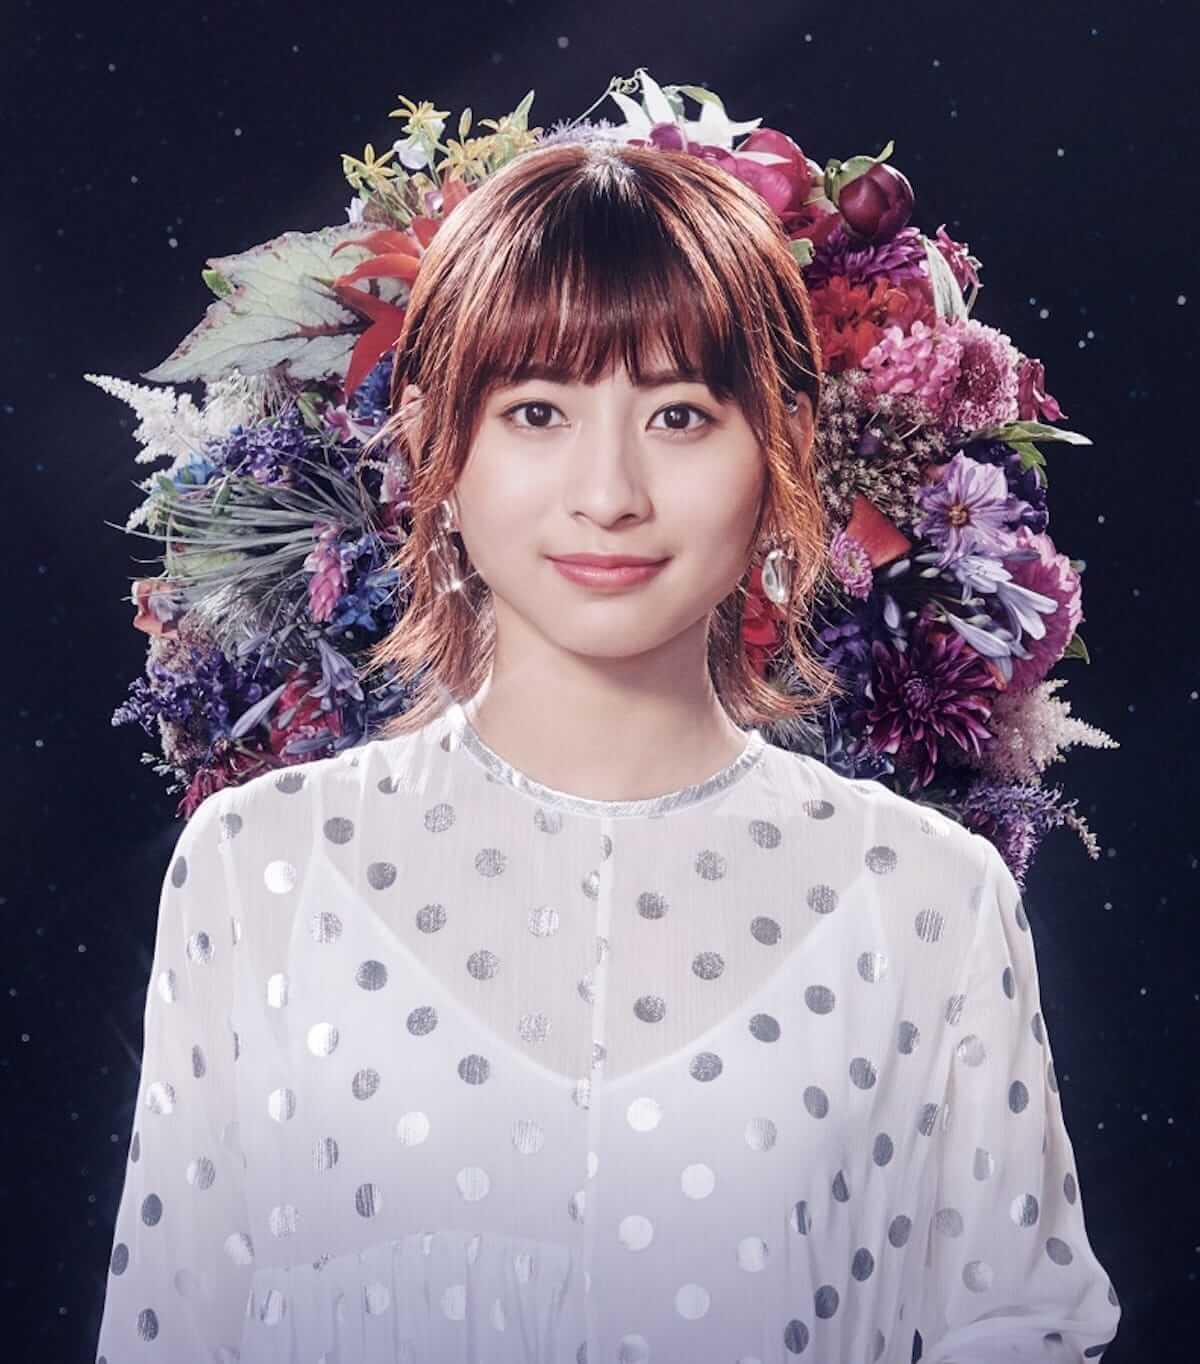 日本の有名女優に似ていると話題!栗子ことロン・モンロウのキュートすぎる魅力 music180621_ron-monroe_1-1200x1364